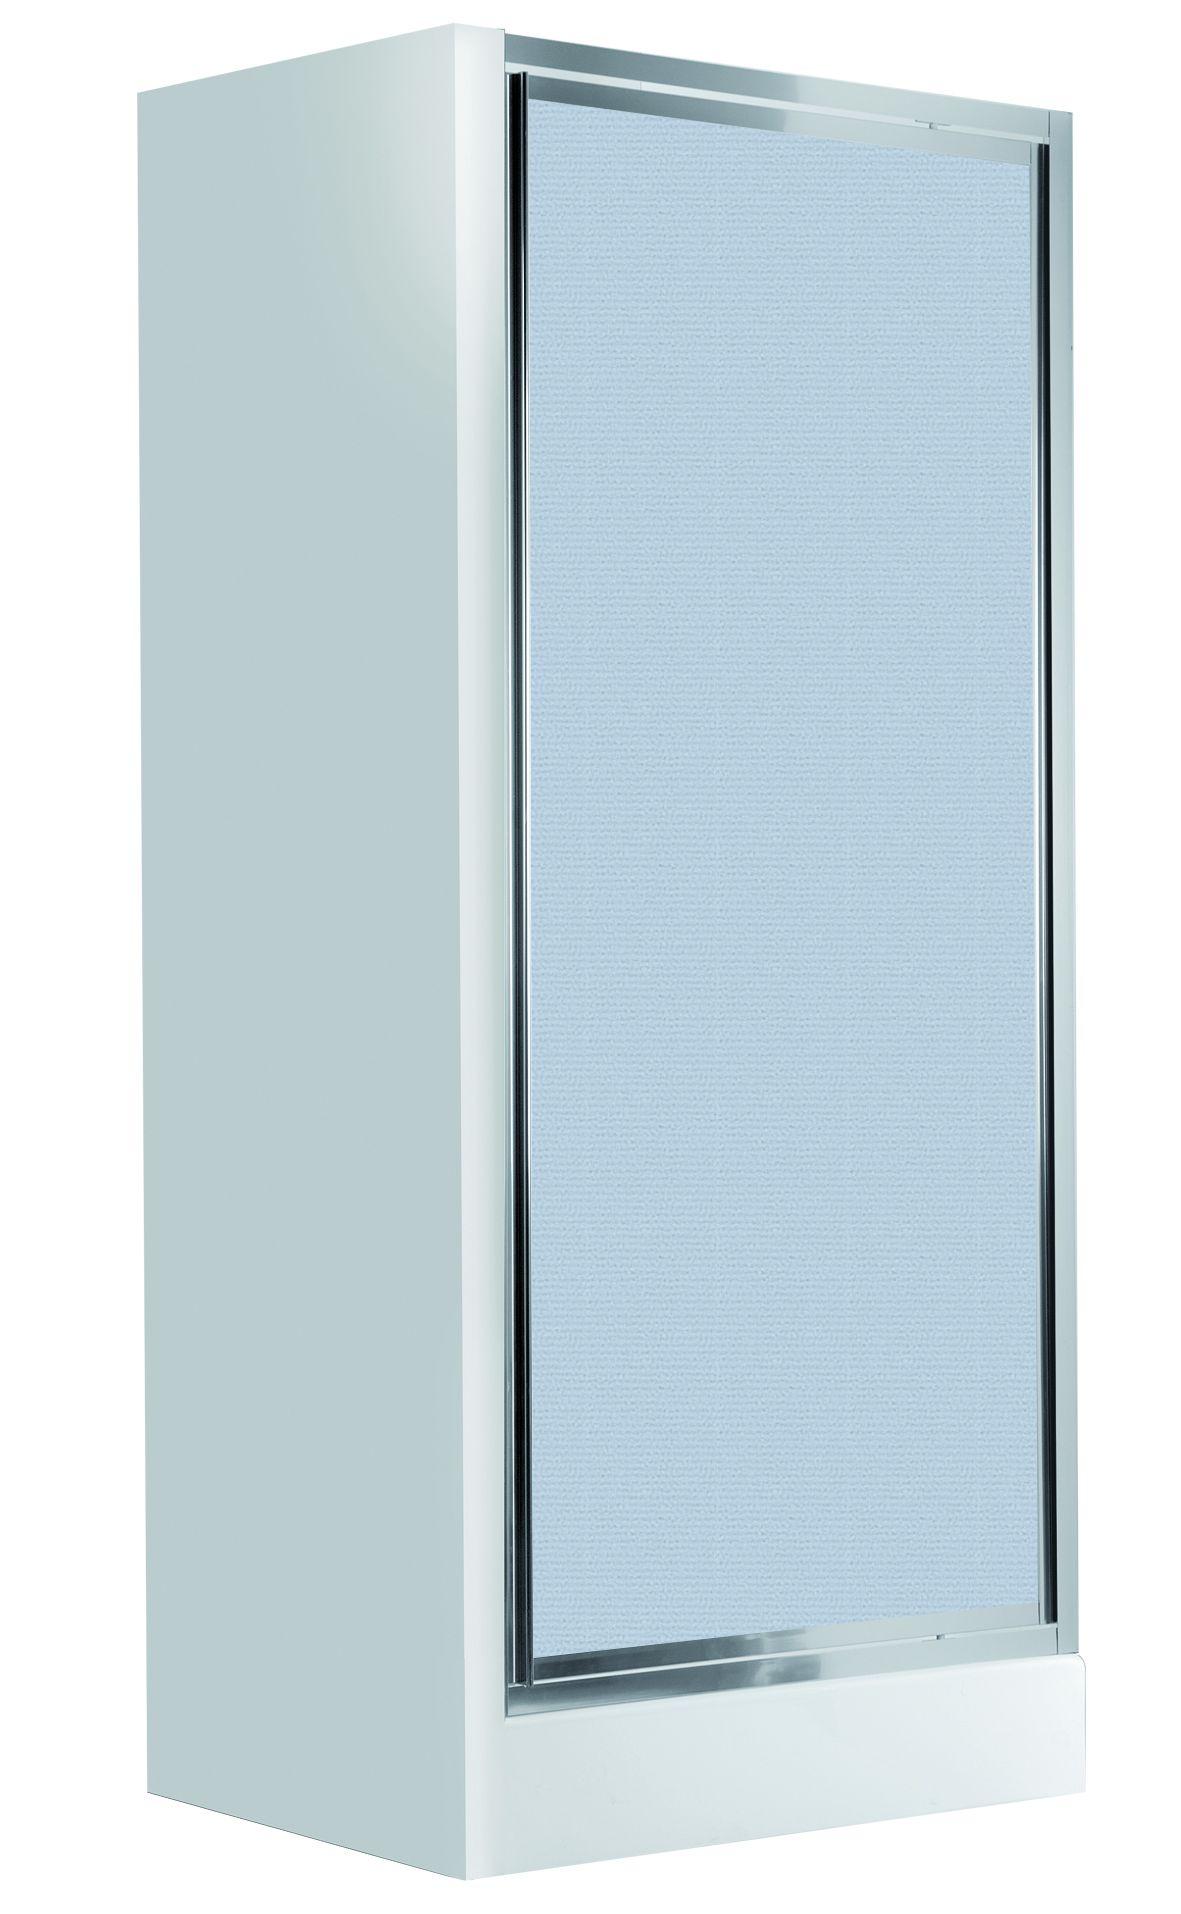 Deante Flex Drzwi wnękowe uchylne 90 cm, szkło szronione KTL_611D